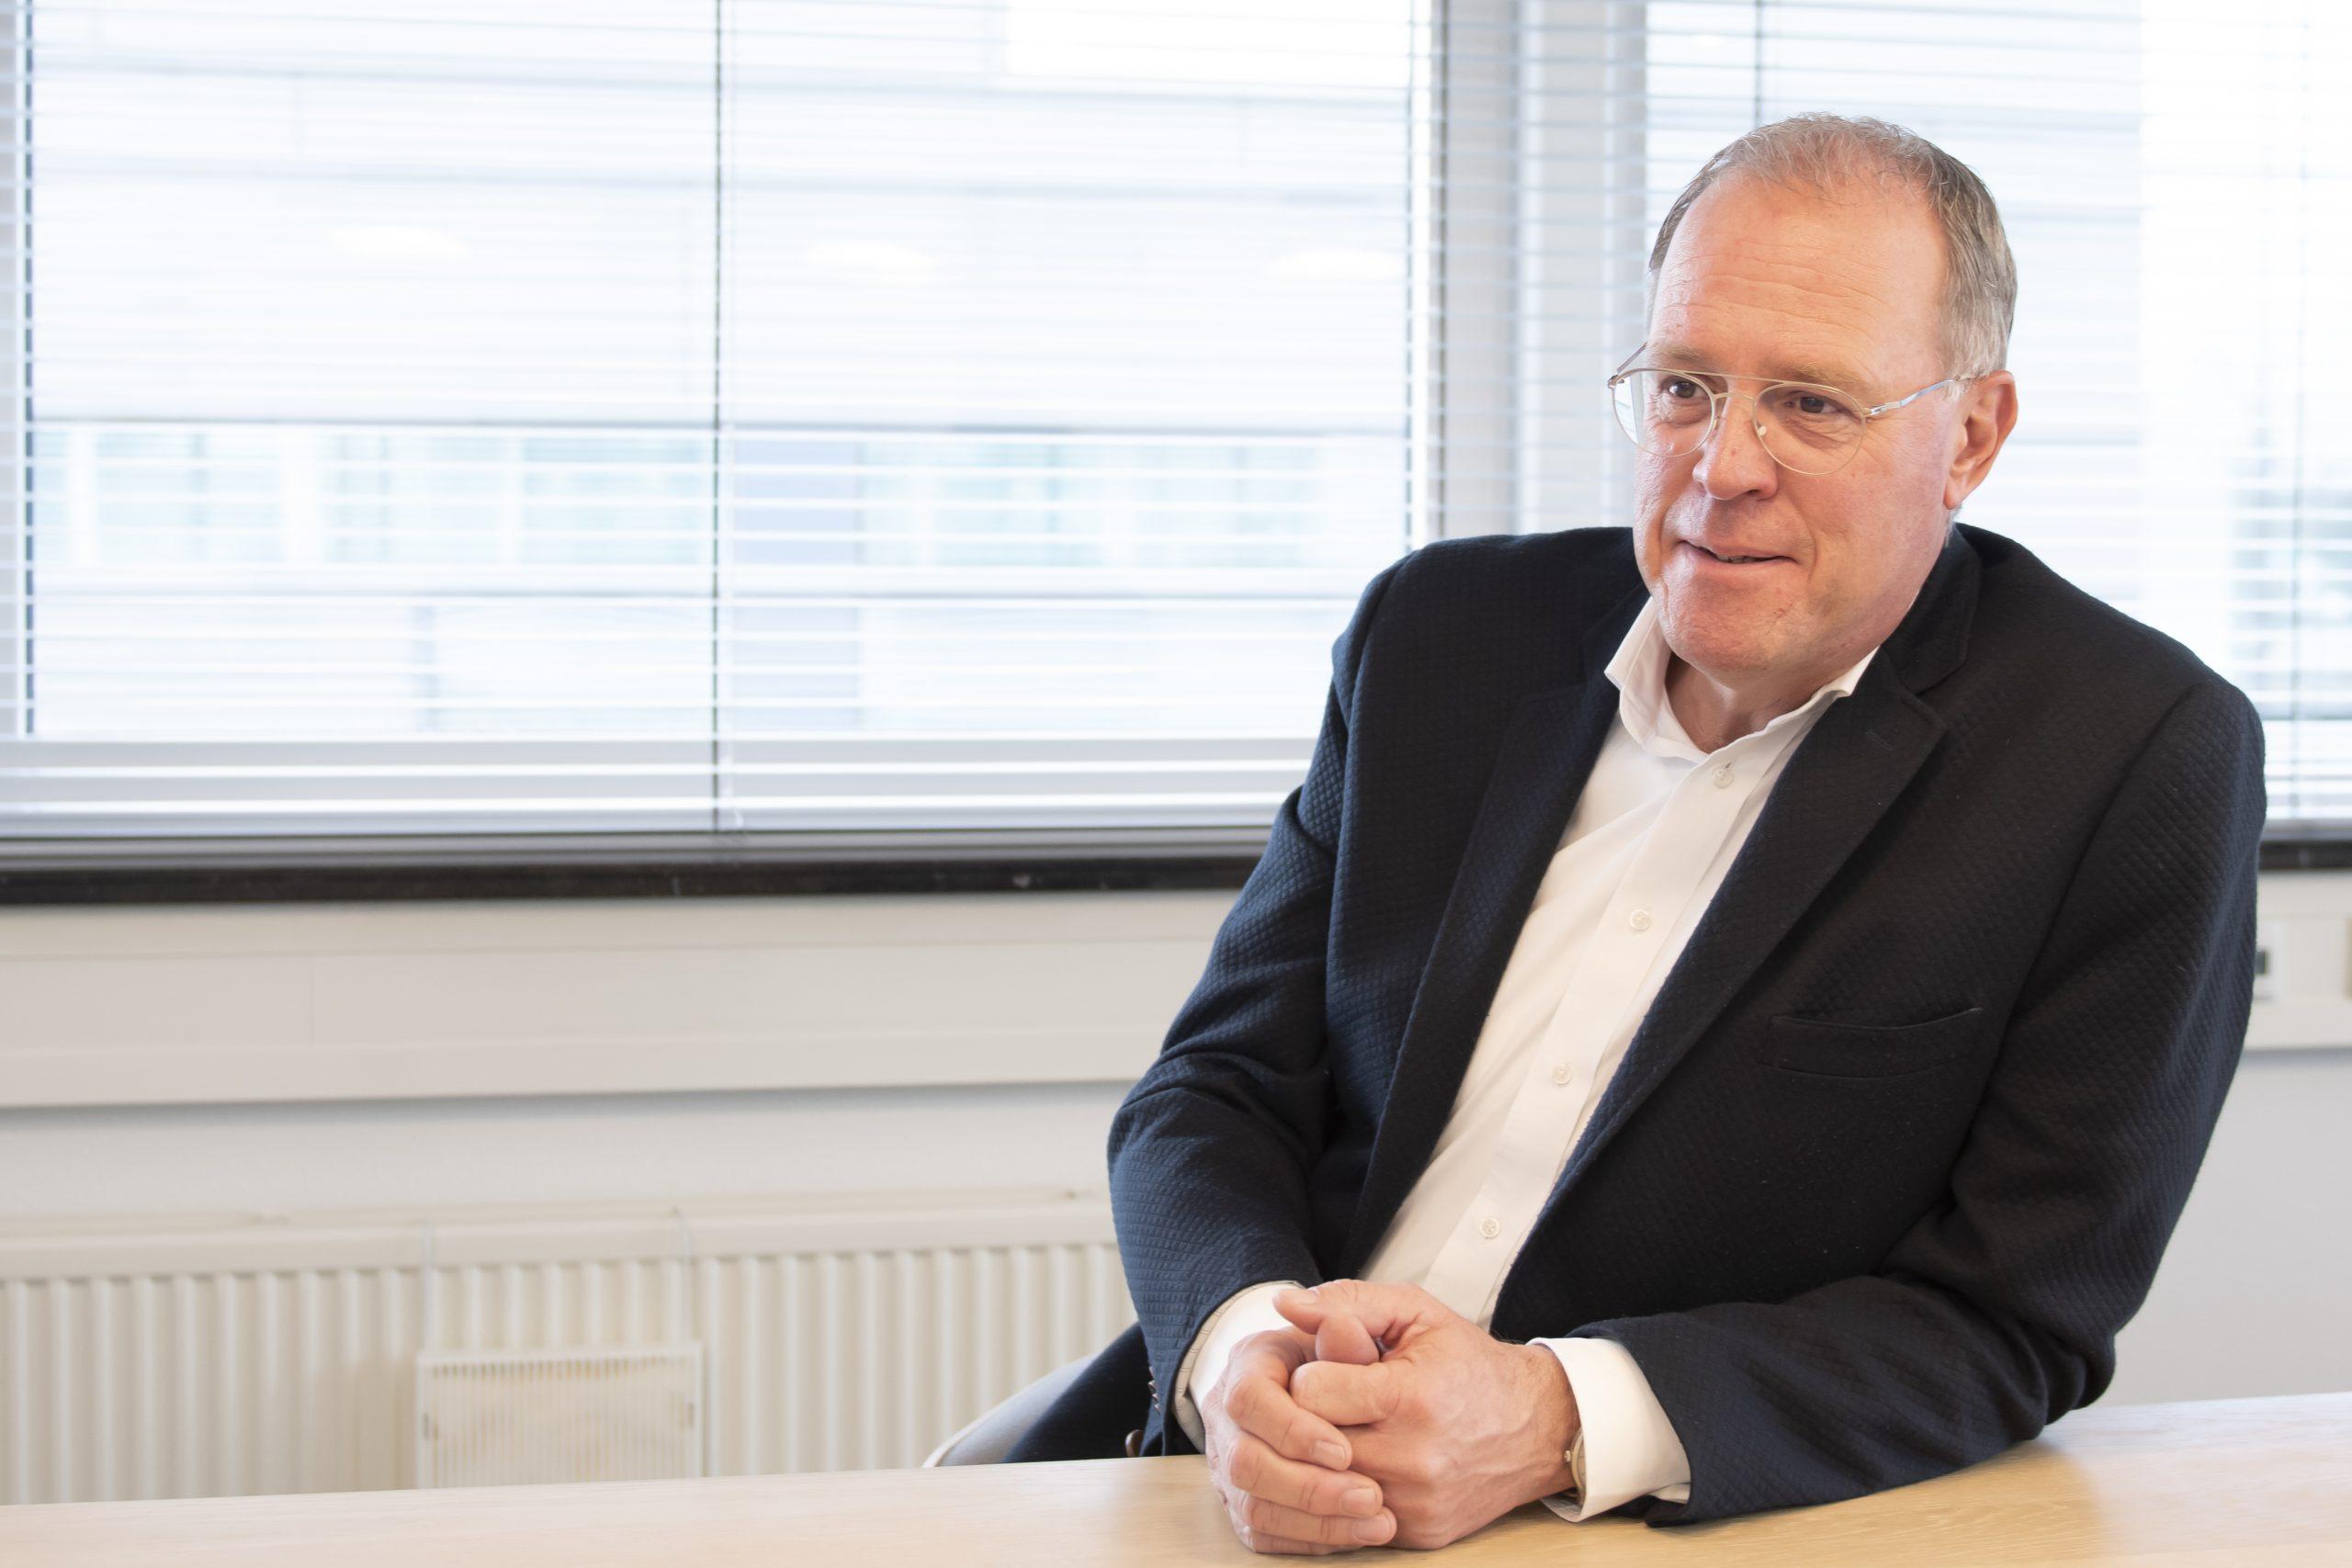 """CEO Paul Ummels van MediReva: """"De combinatie van leiderschap en vertrouwen is cruciaal"""""""